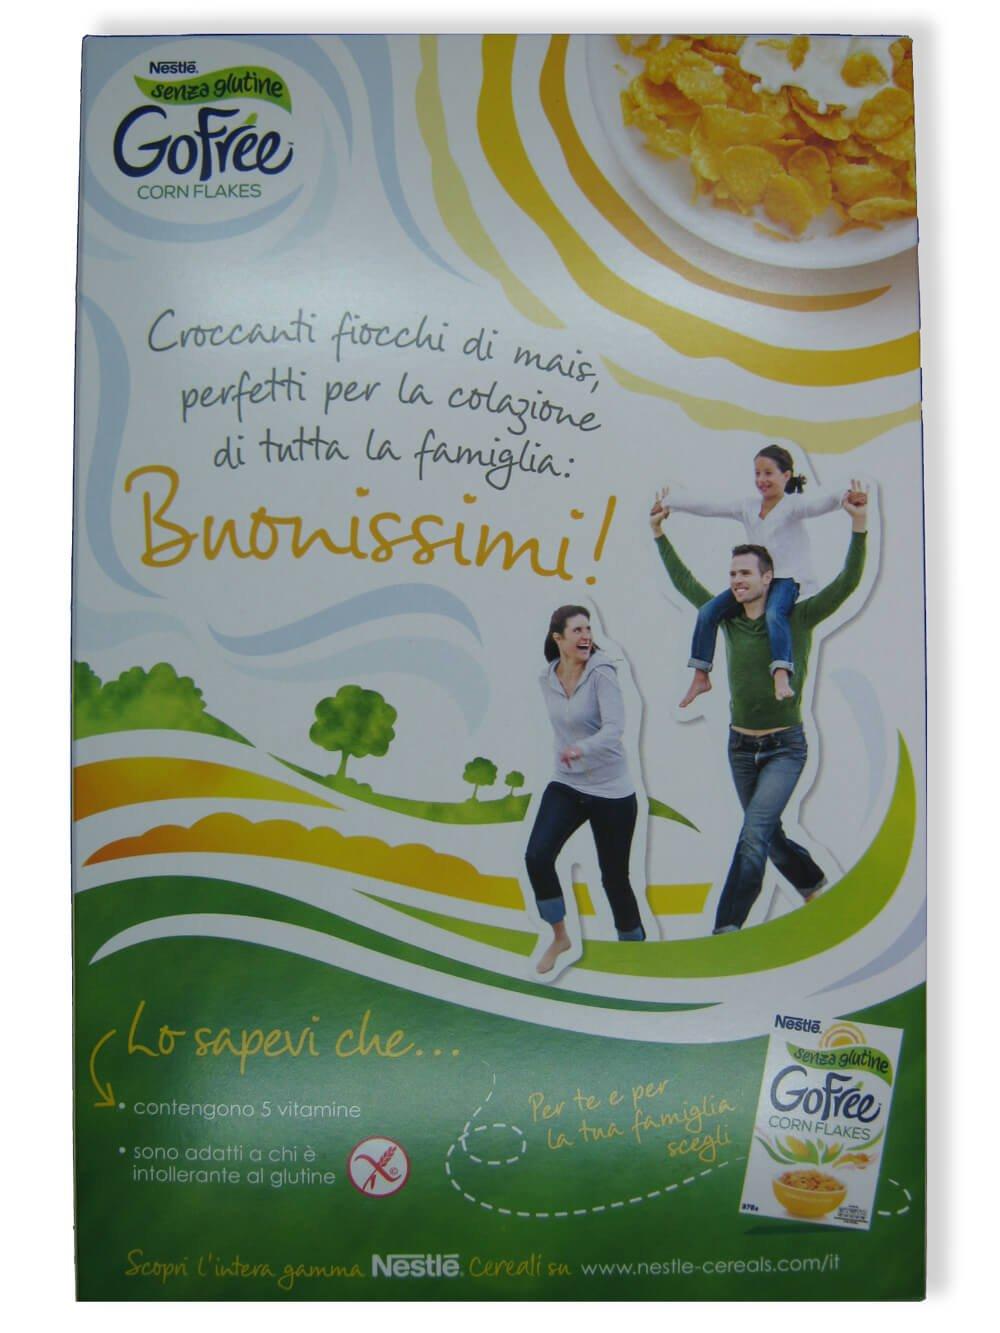 immagine corn flakes Nestlé retro